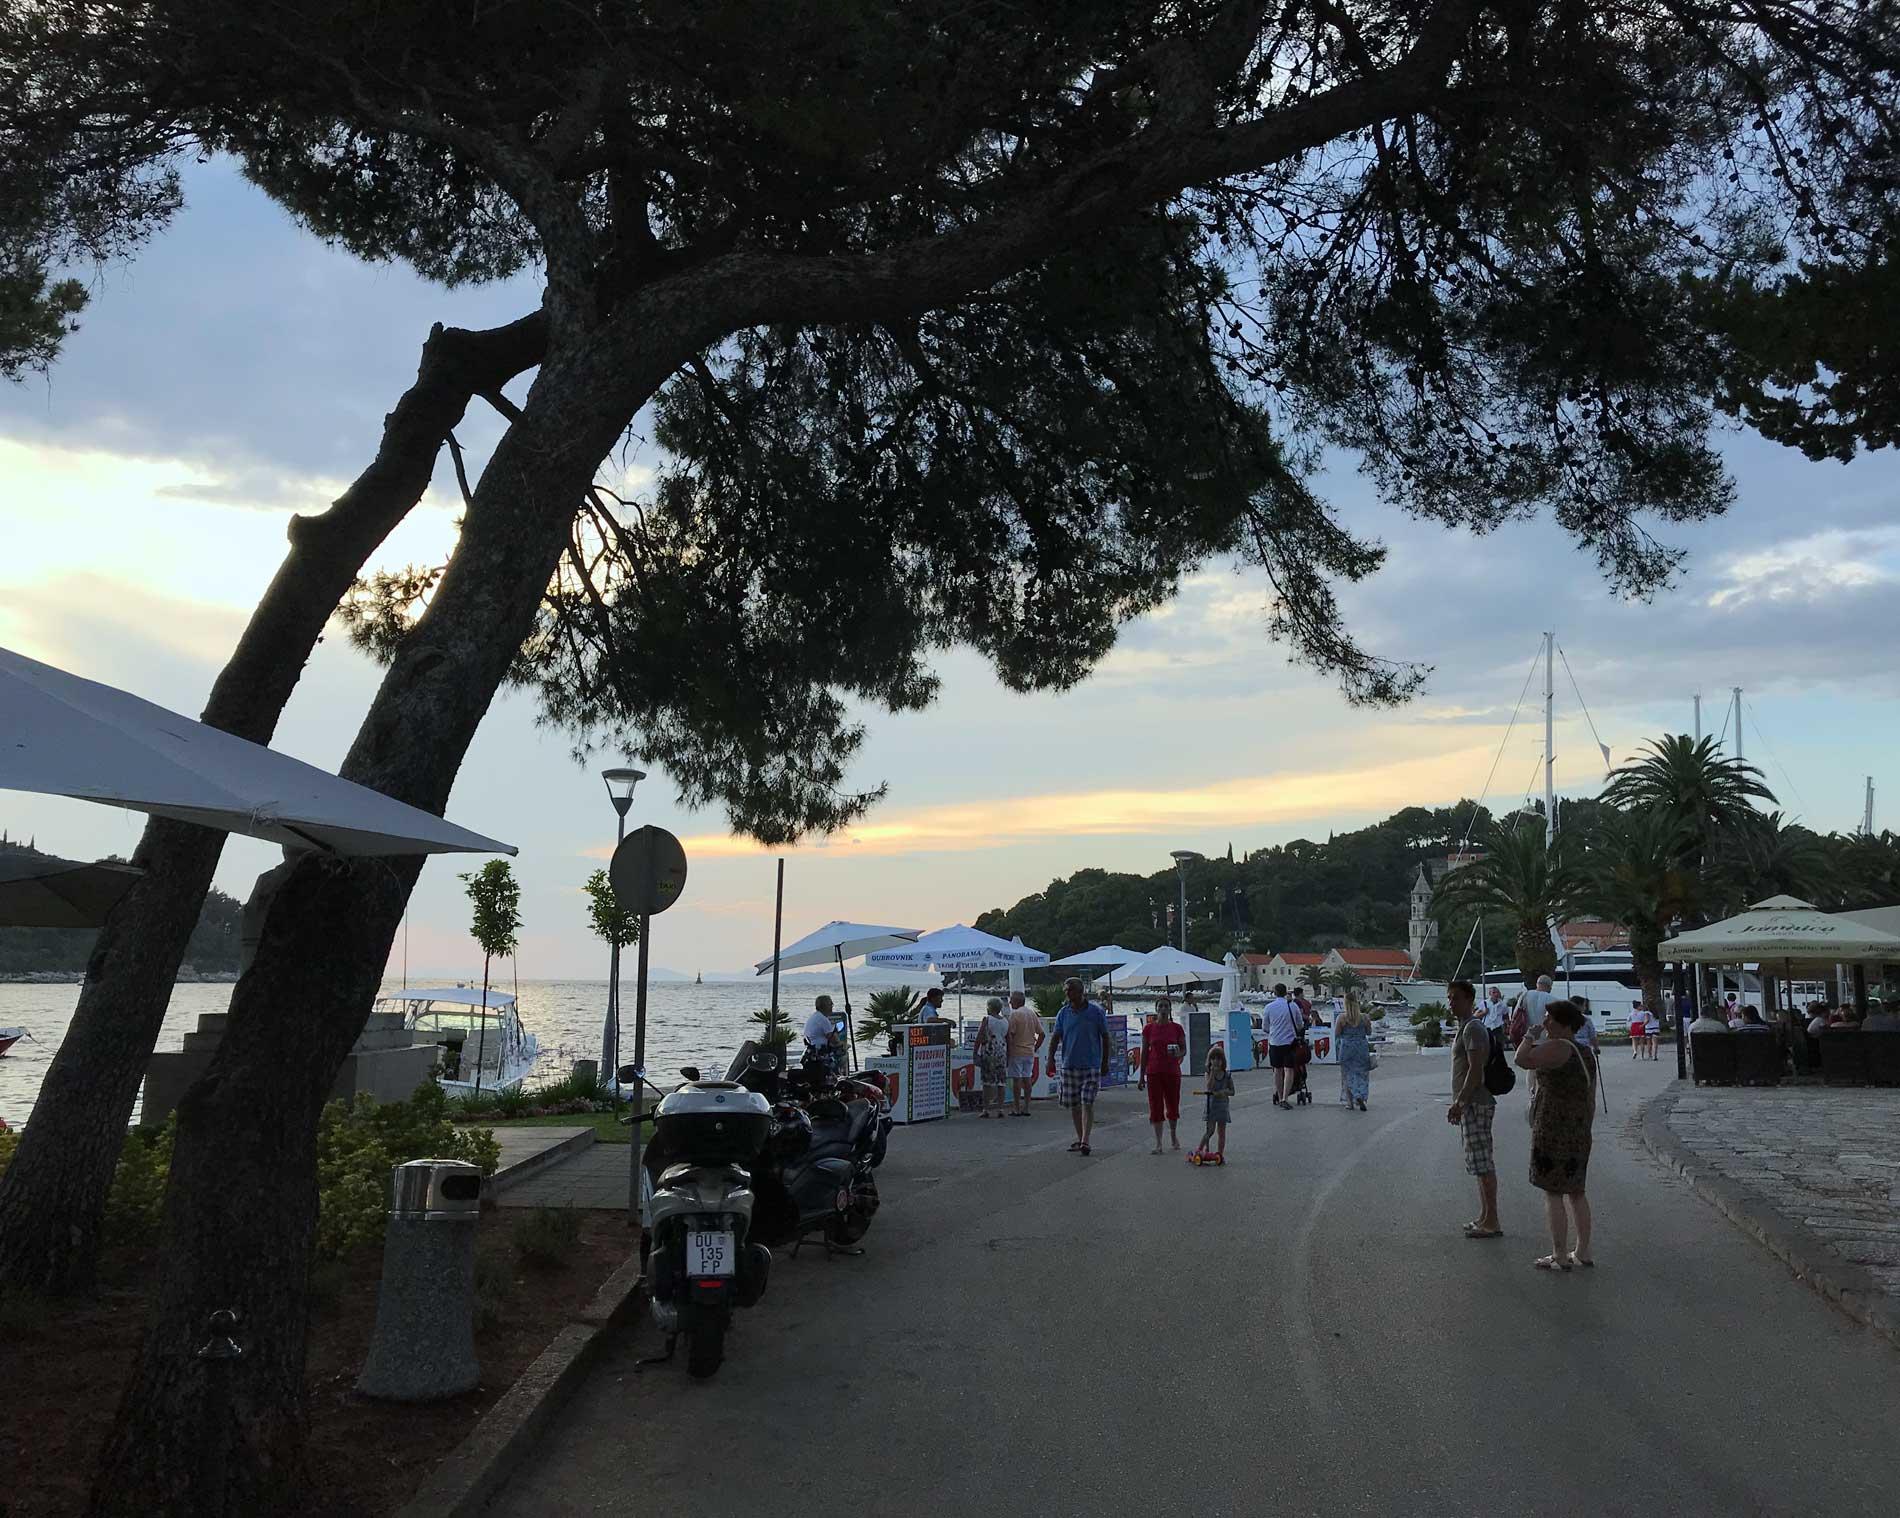 Cavtat-Dubrovnik-Croazia-via-lungomare-pini-marittimi